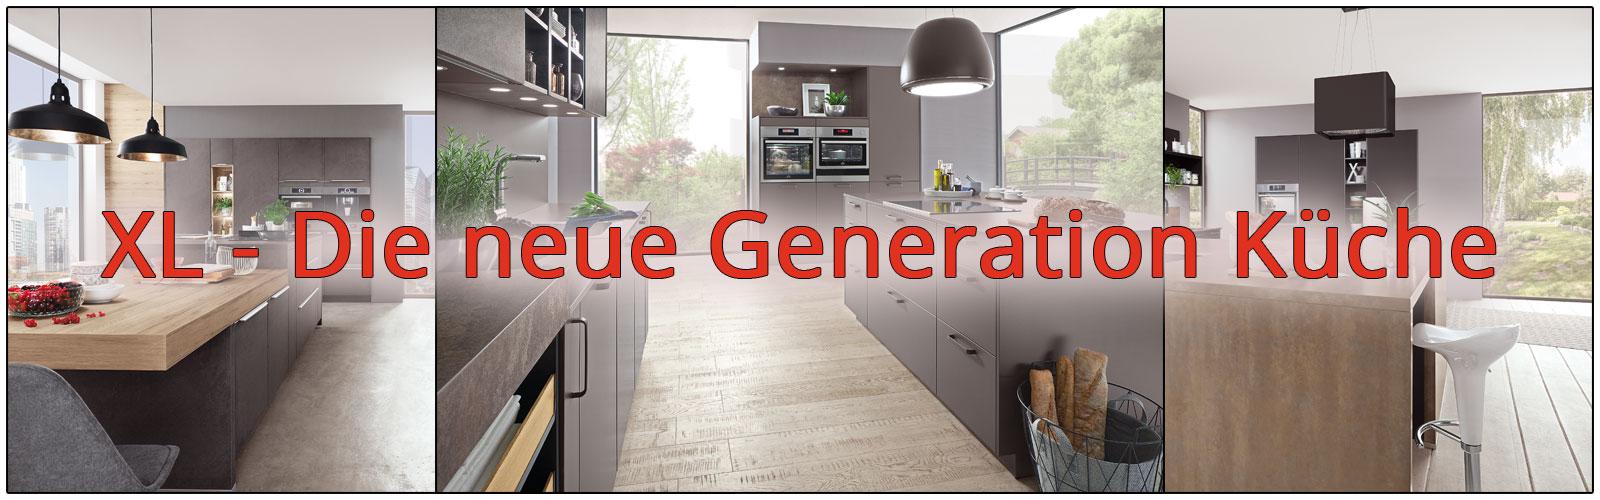 nobilia-XL-die-neue-generation-kueche